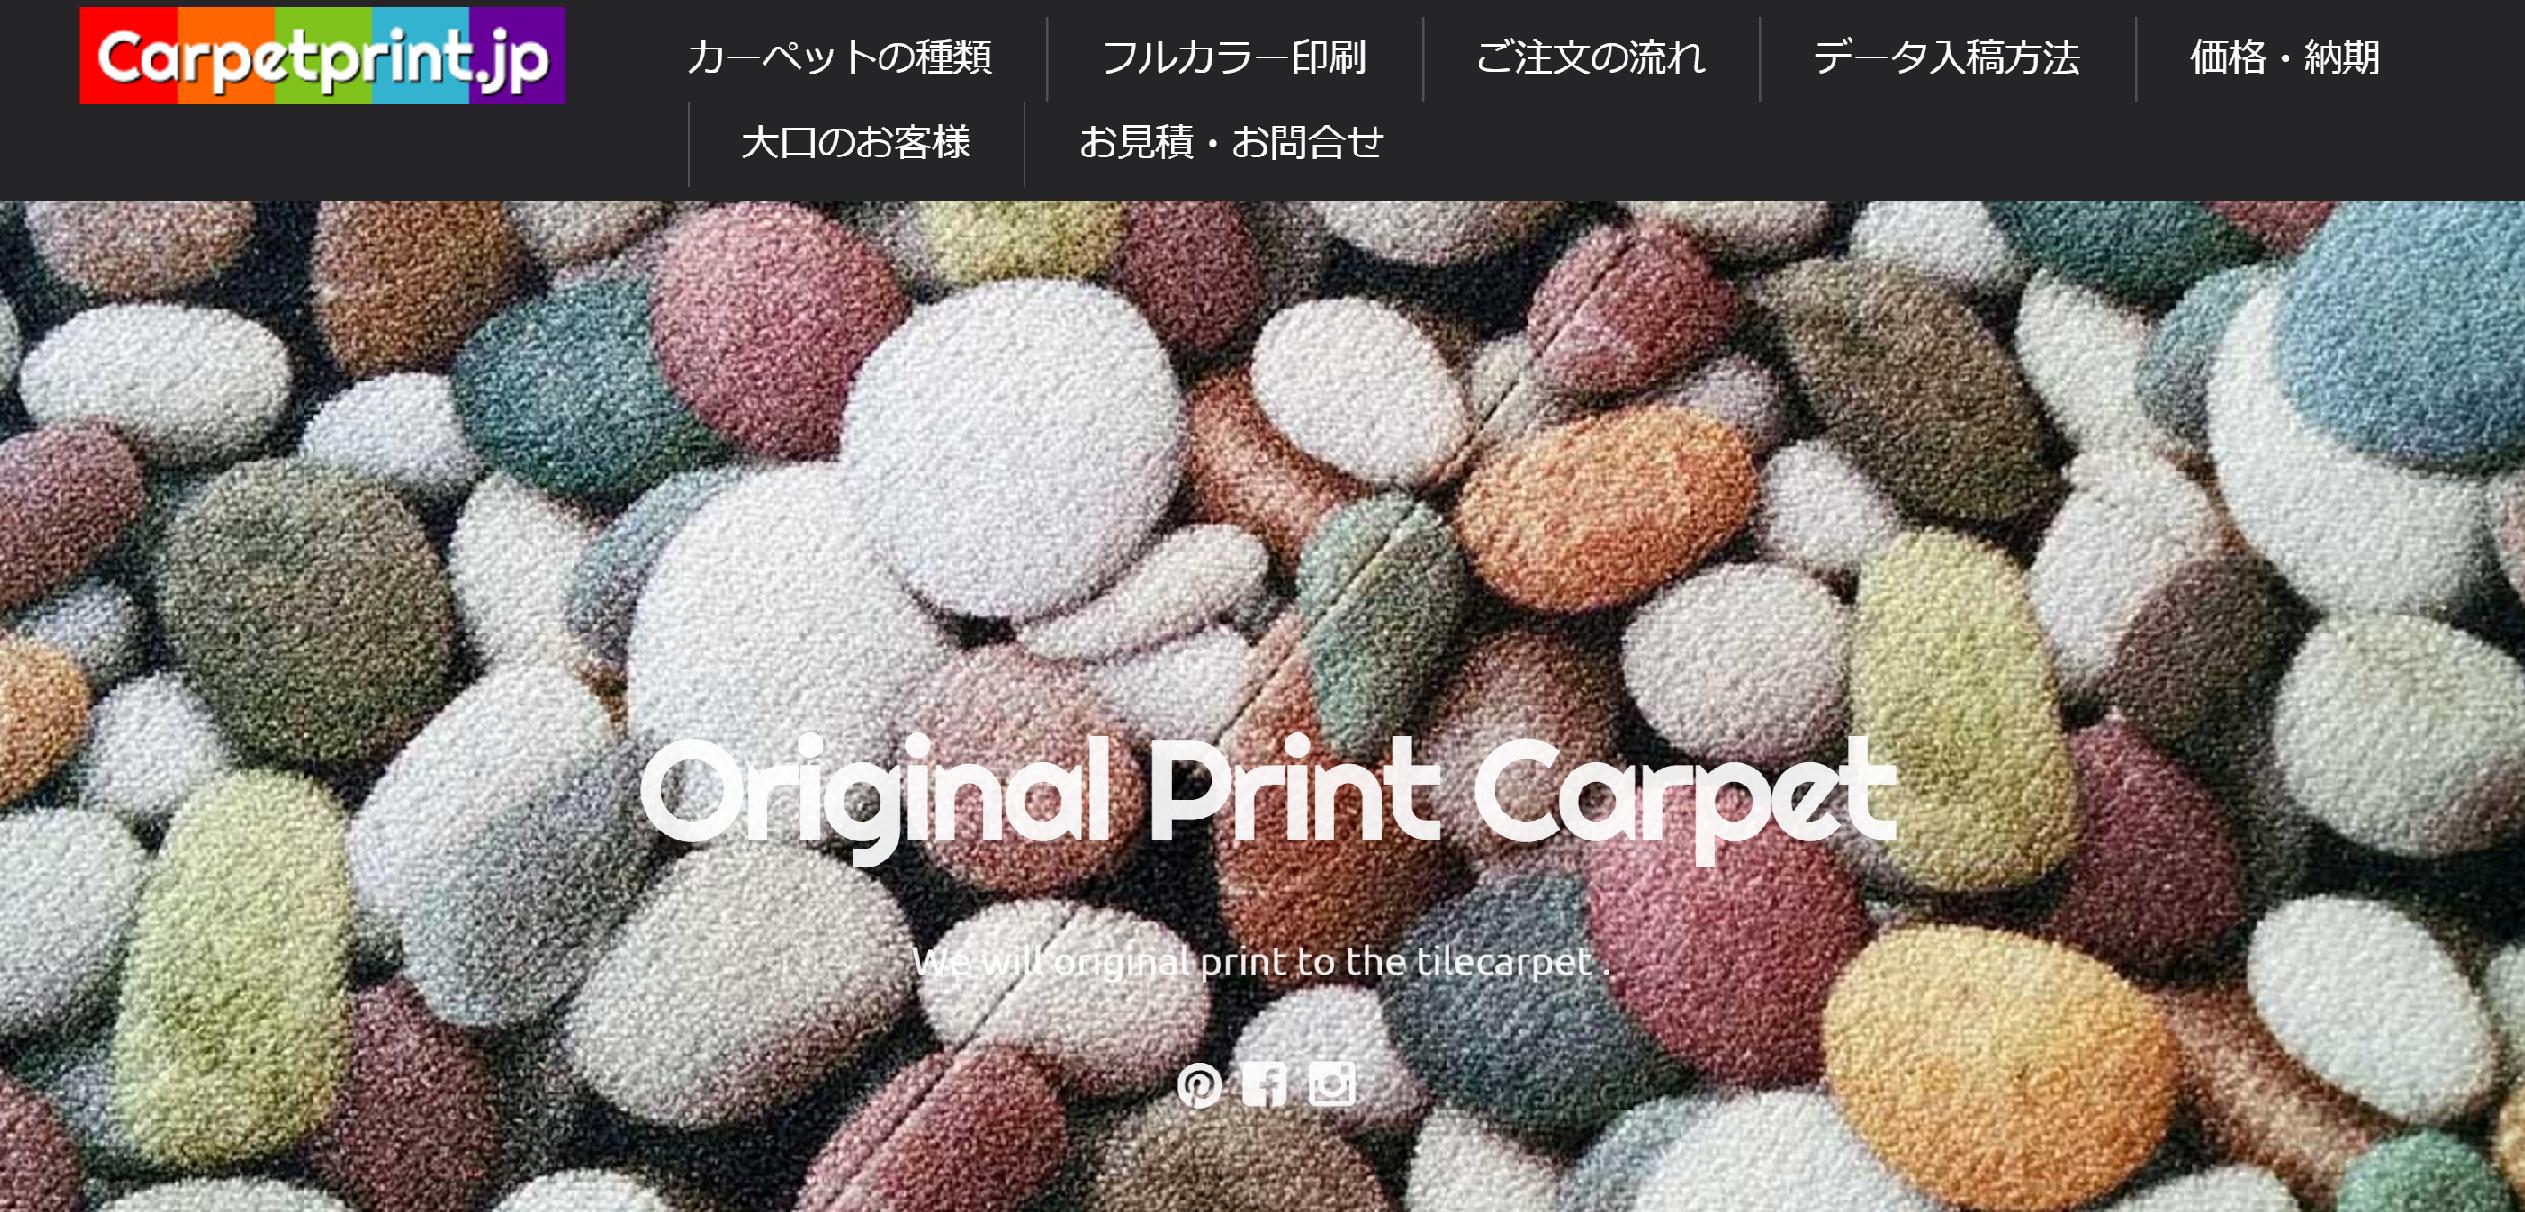 carpetprint.jp